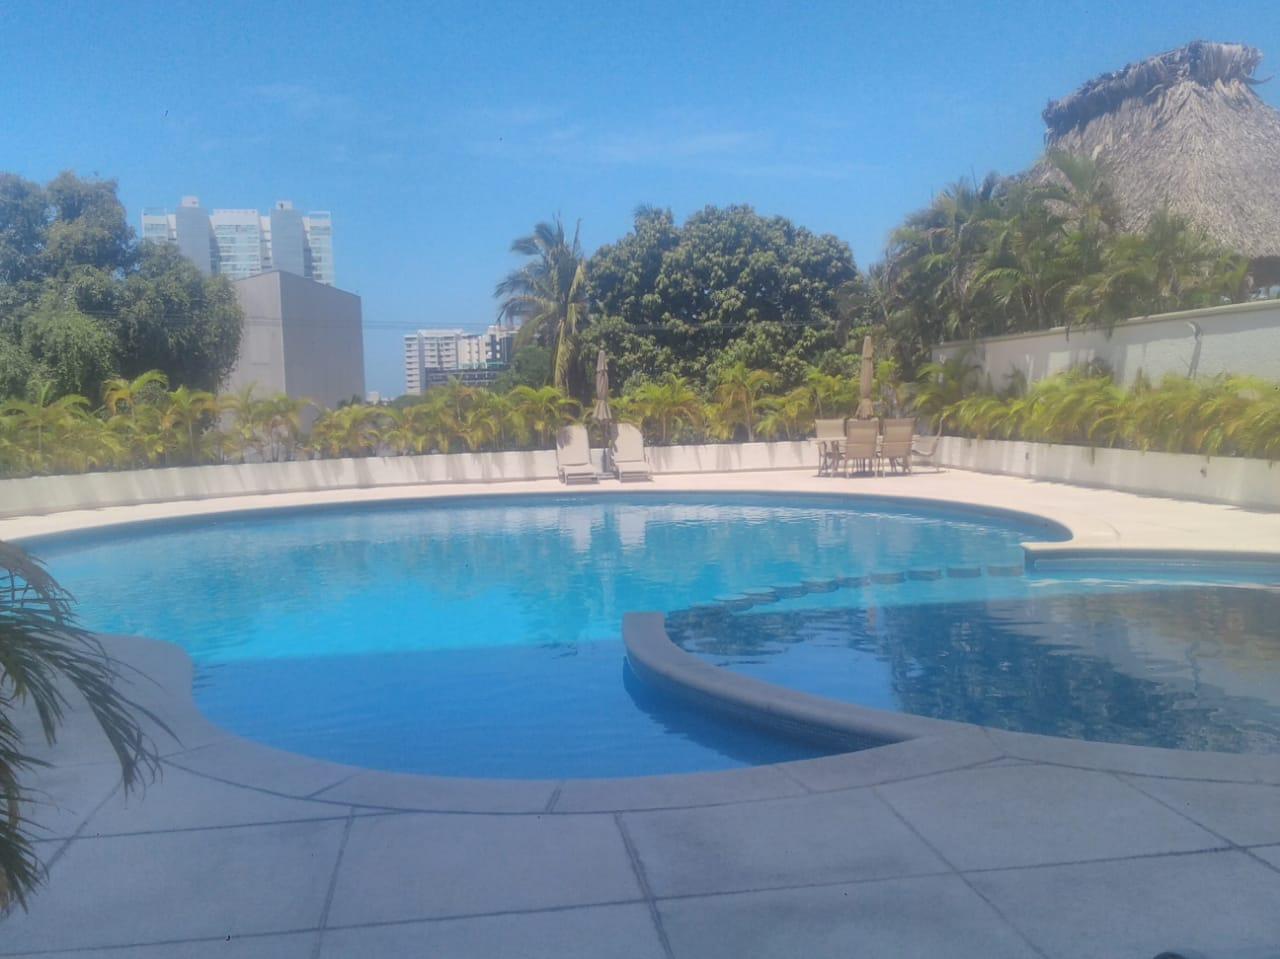 Departamento en renta en Acapulco, Club deportivo sin muebles